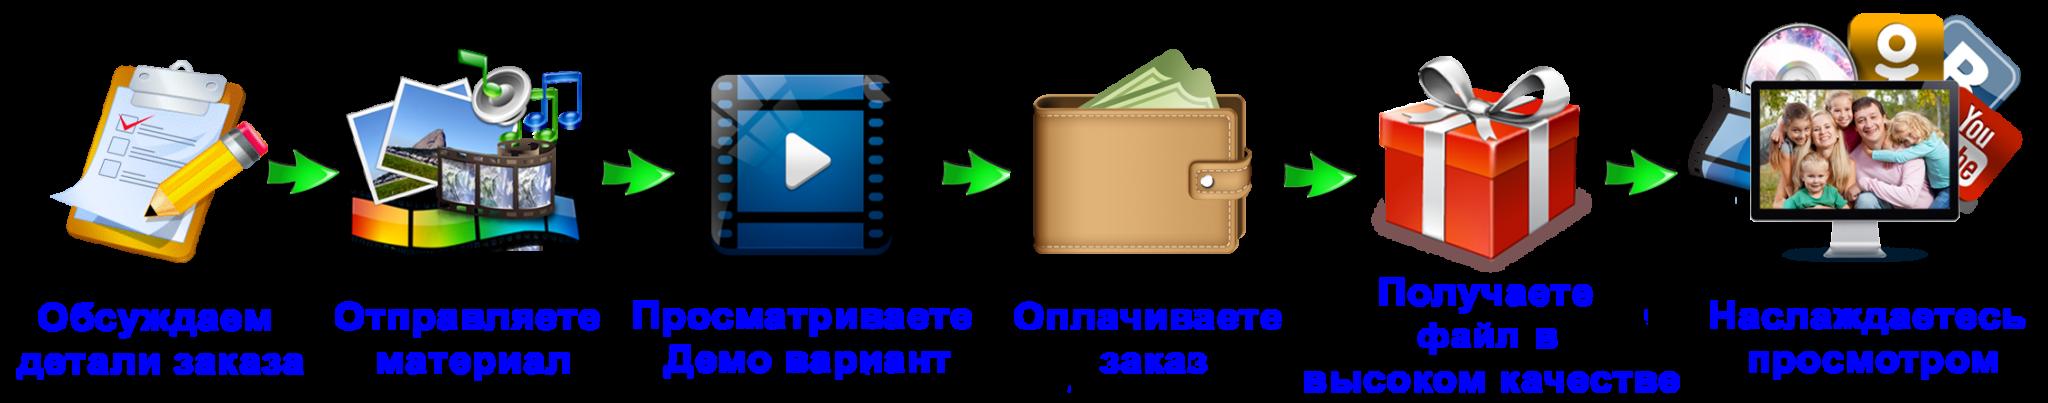 Ролик из видео и фото на заказ в Новосибирске